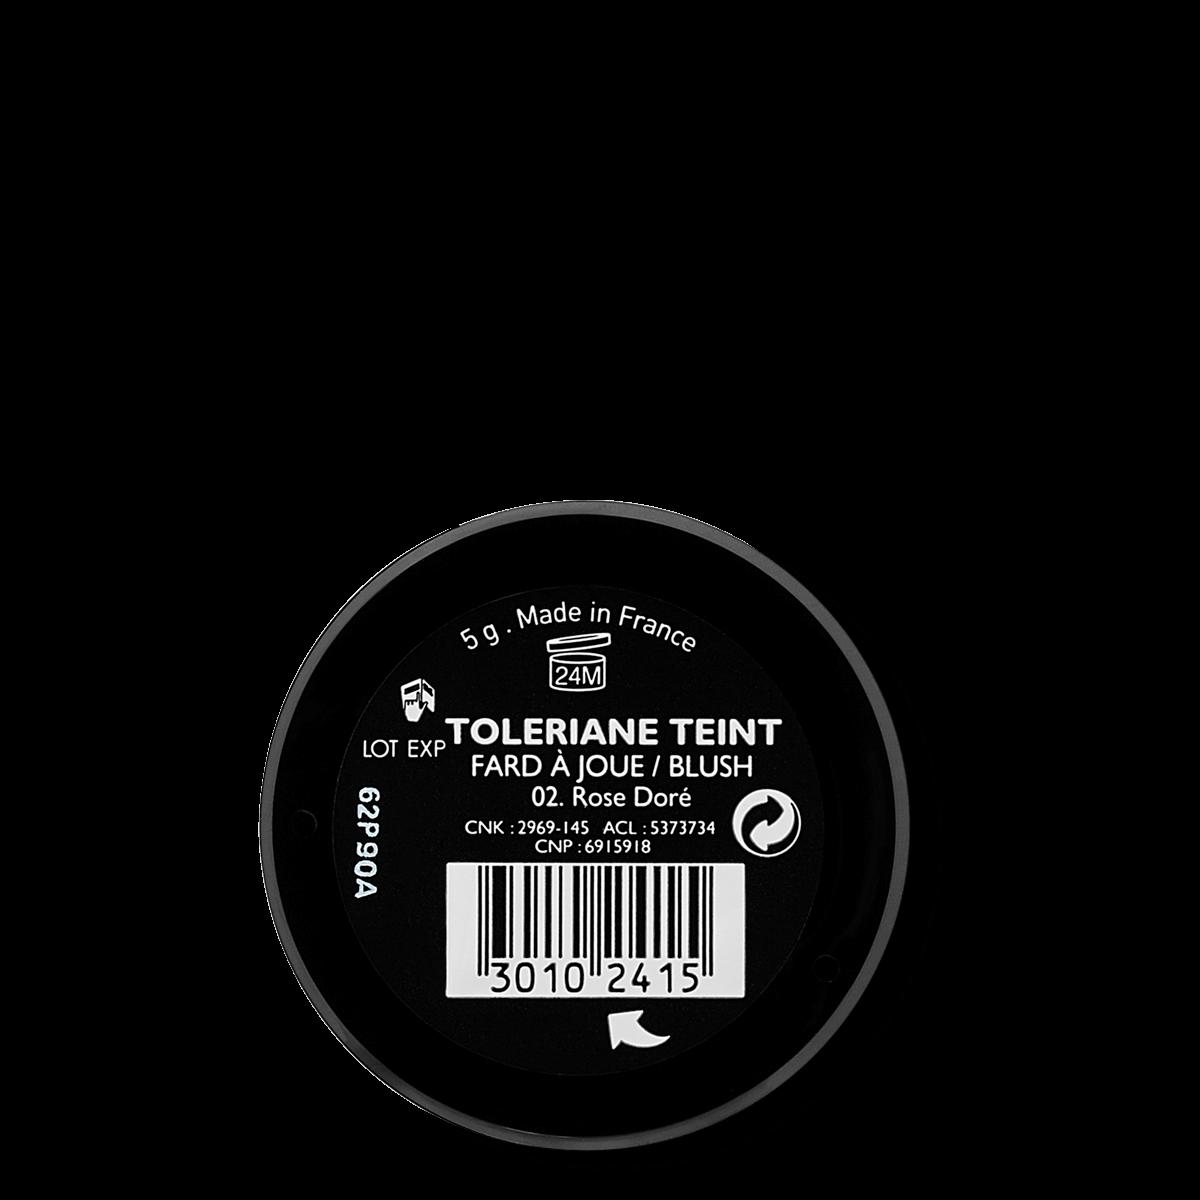 La Roche Posay Érzékeny Bőrre Toleriane Smink ARCPIROSÍTÓ GoldenPink 30102415 B